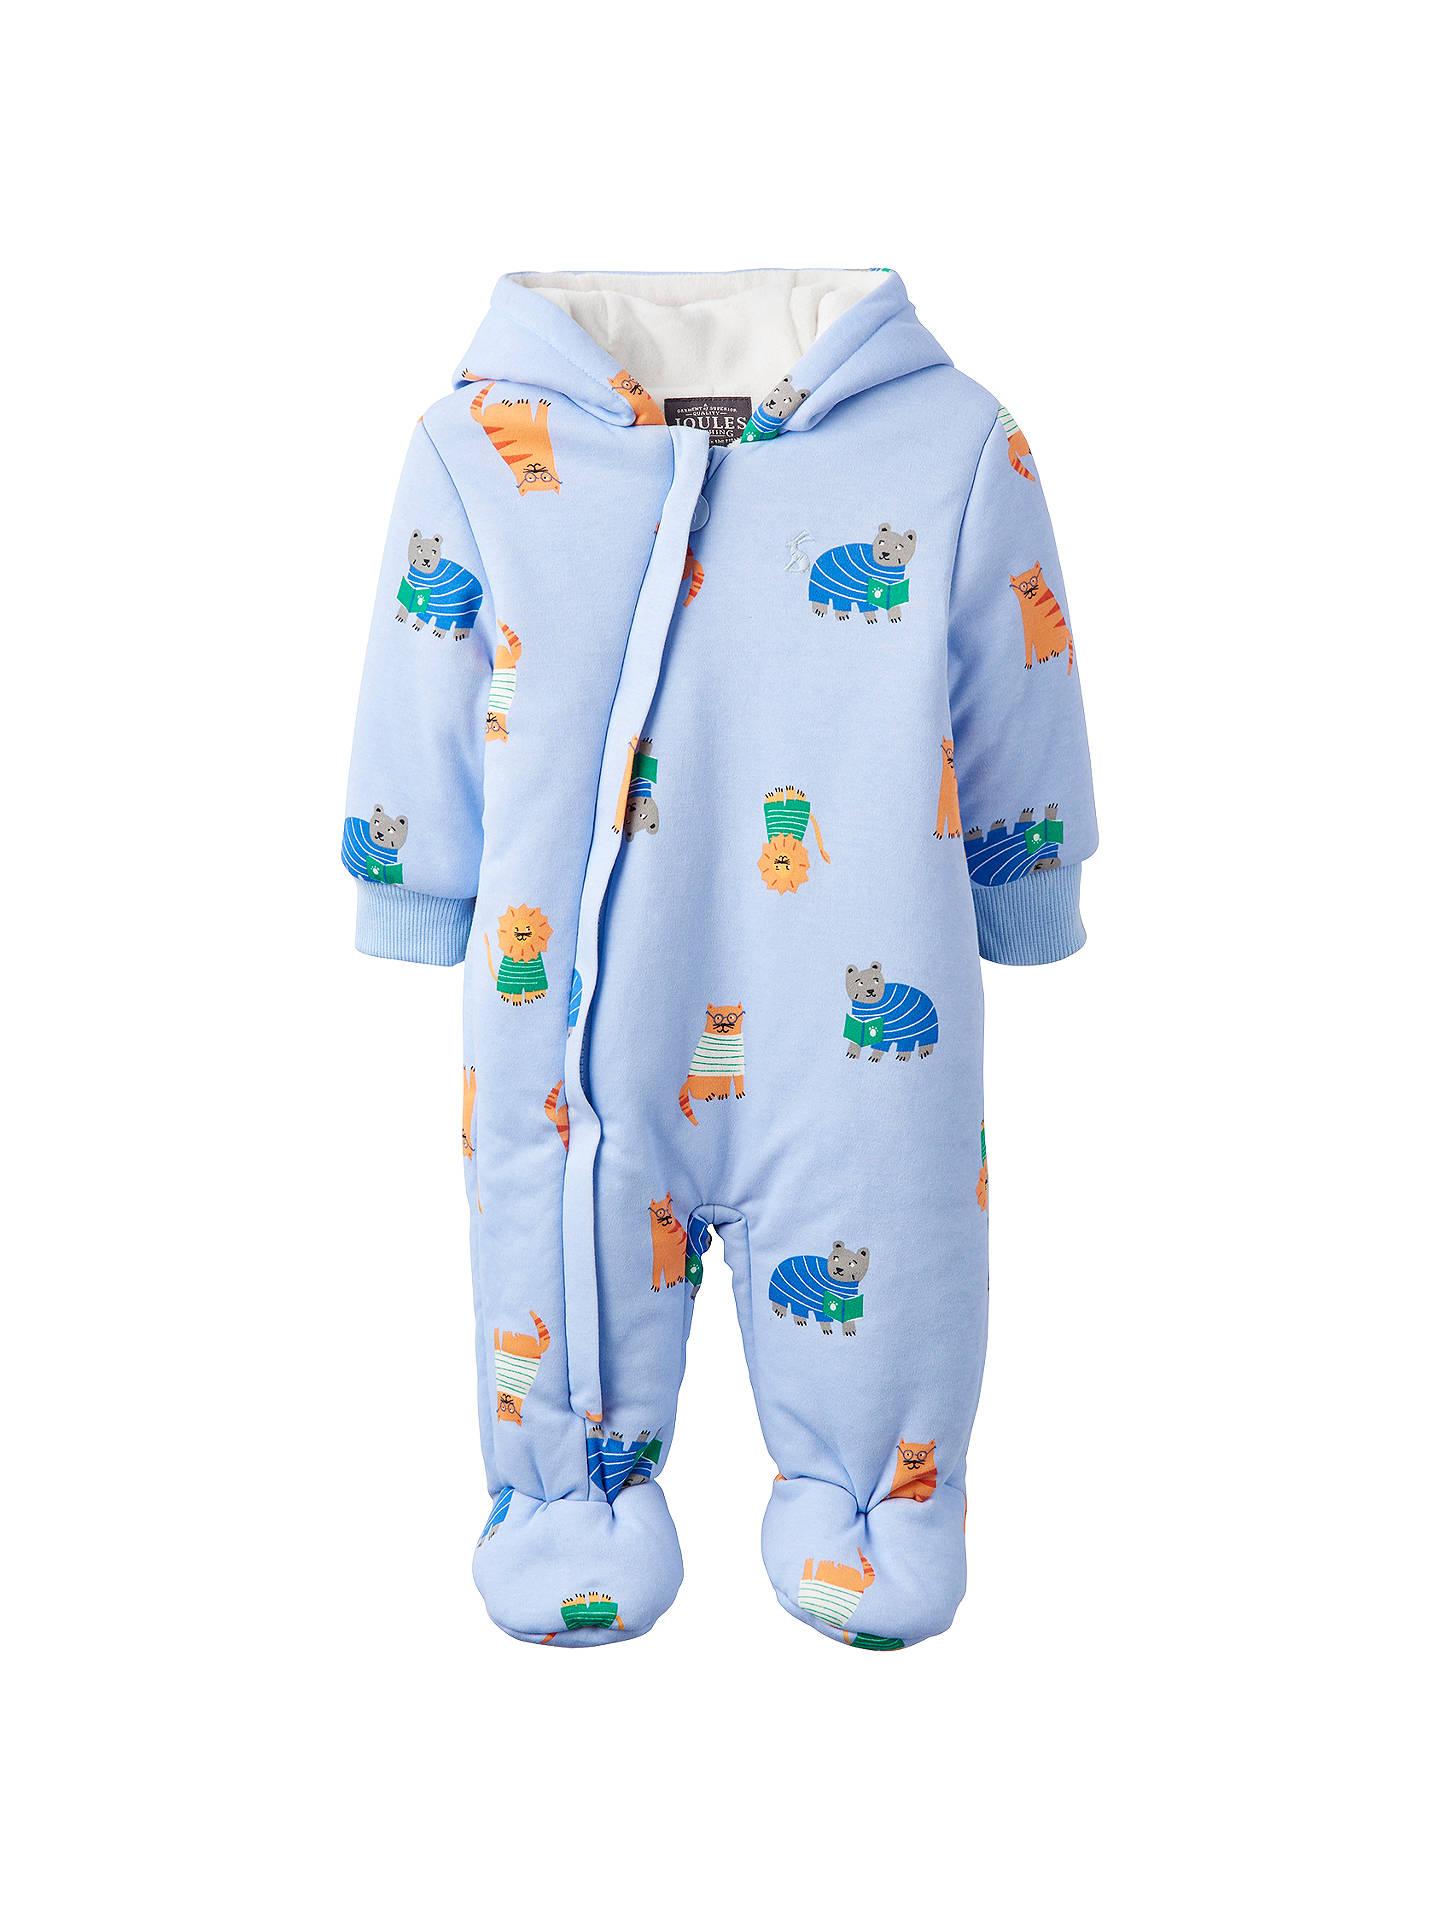 89e458af0c25 Baby Joule Snug Animal Print Pramsuit